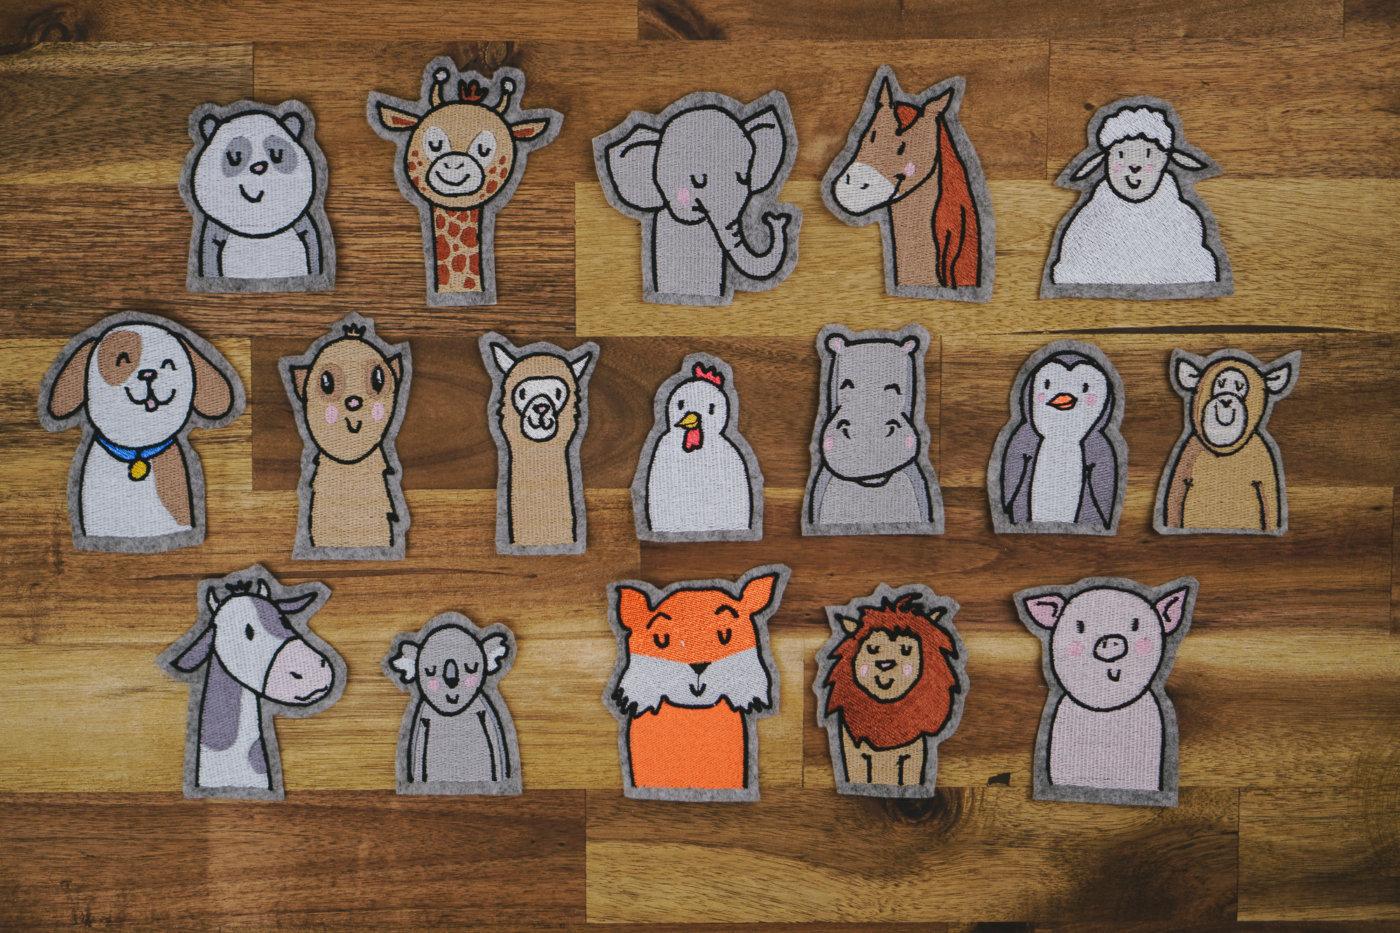 kostenlose Stickdateien Tiere (Umfangreiches SET) stickdateien tiere 🐽 17x Stickdateien Tiere + BONUS Stickdatei GRATIS 🌟 stickdatei tiere 01 1400x933